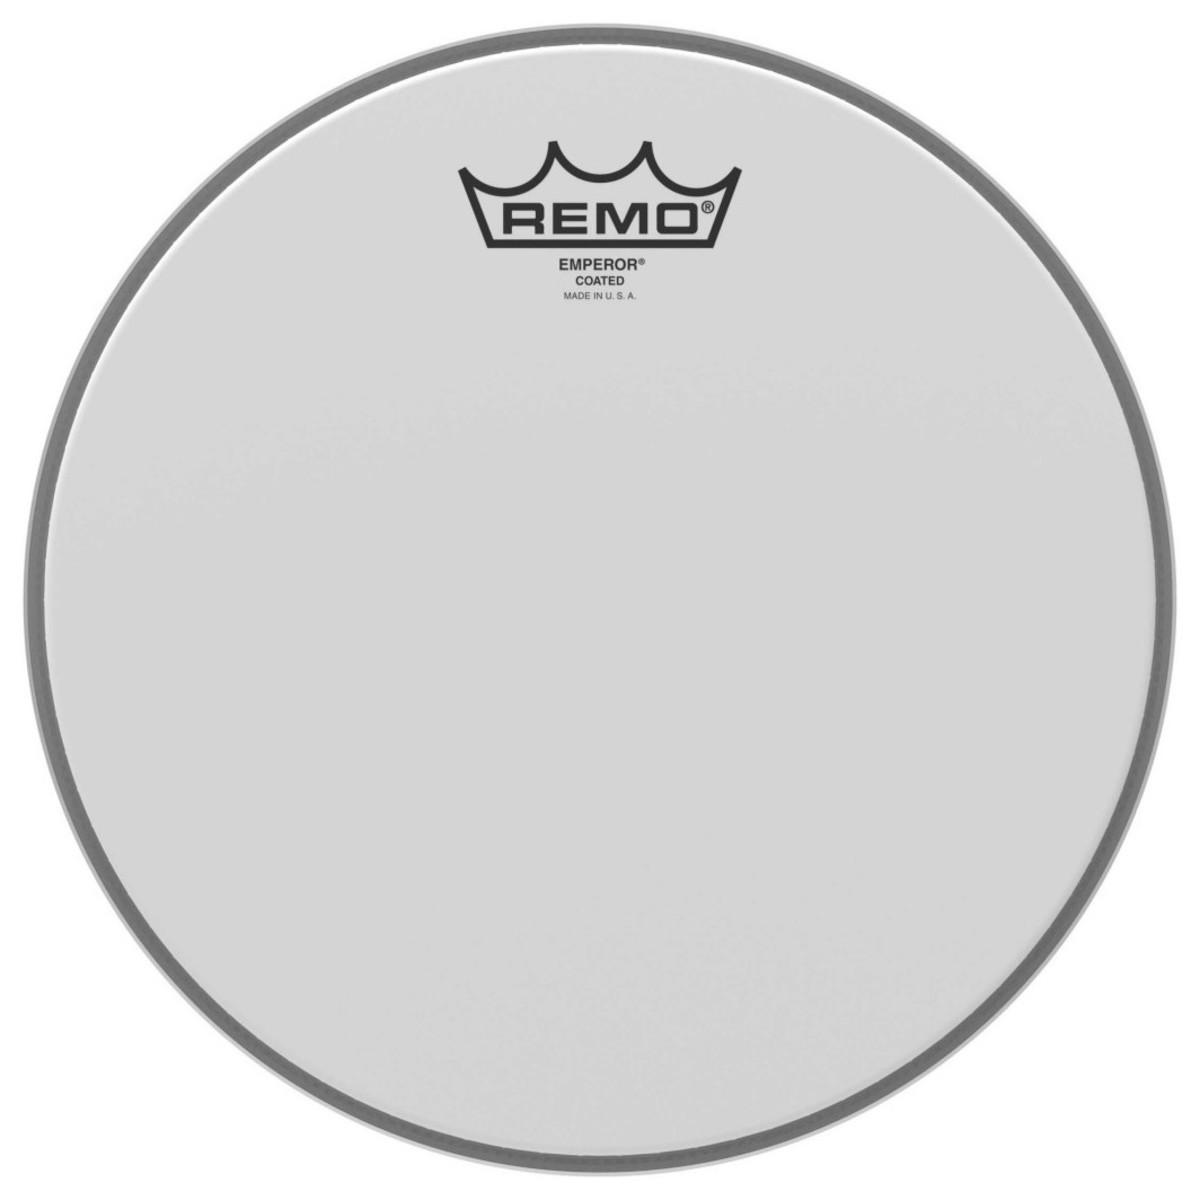 Remo Emperor Coated 14 Drum Head